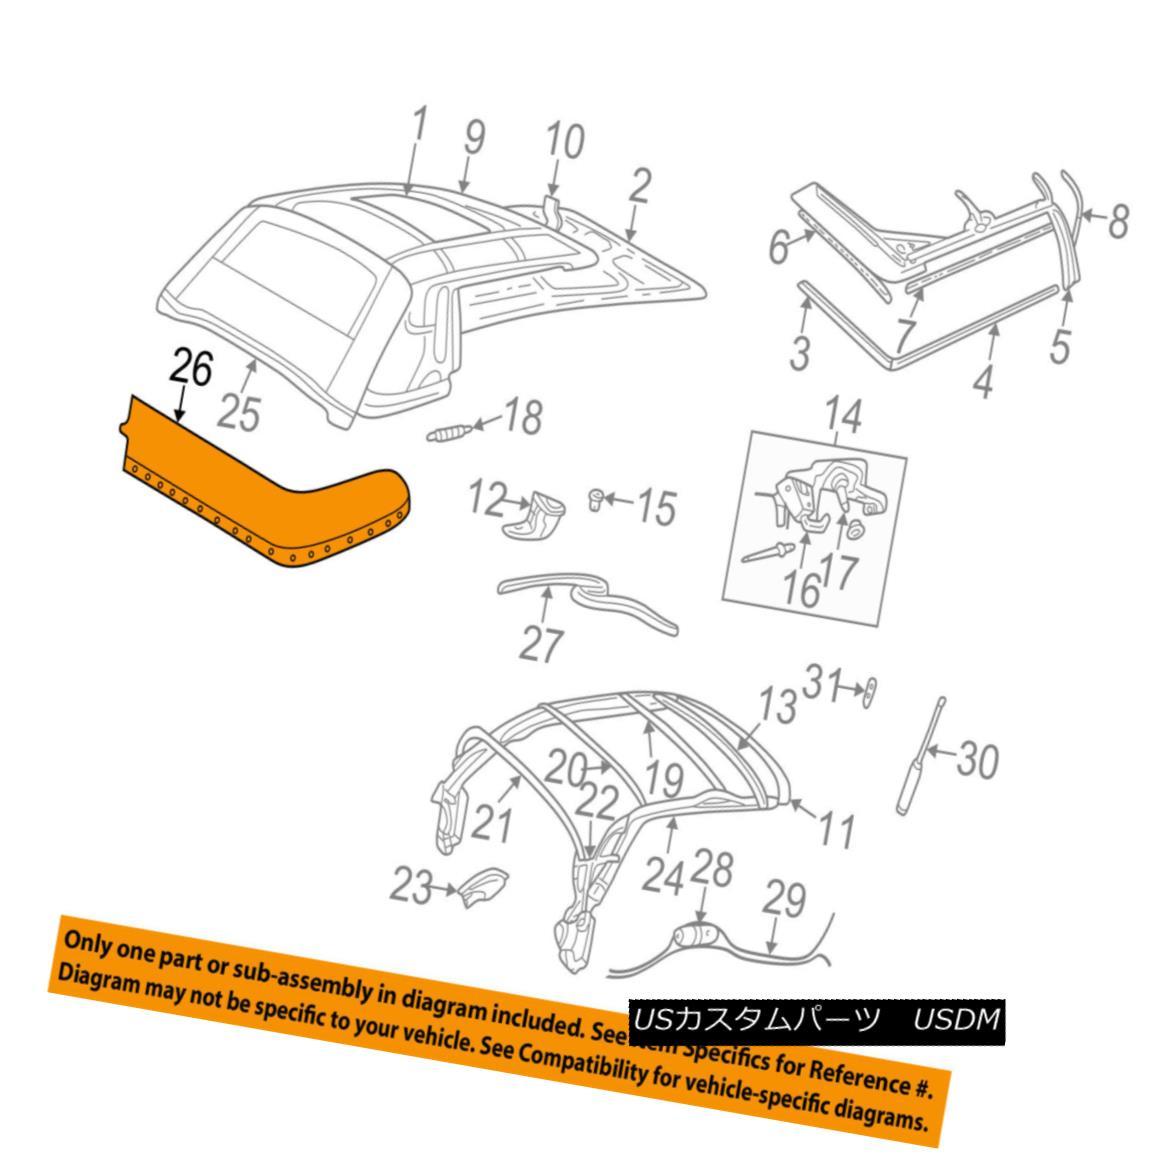 幌・ソフトトップ CHRYSLER OEM 05-06 Sebring Convertible/soft Top-Boot UP46TL2AD CHRYSLER OEM 05-06セブリング・コンバーチブル/ so ftトップ・ブートUP46TL2AD